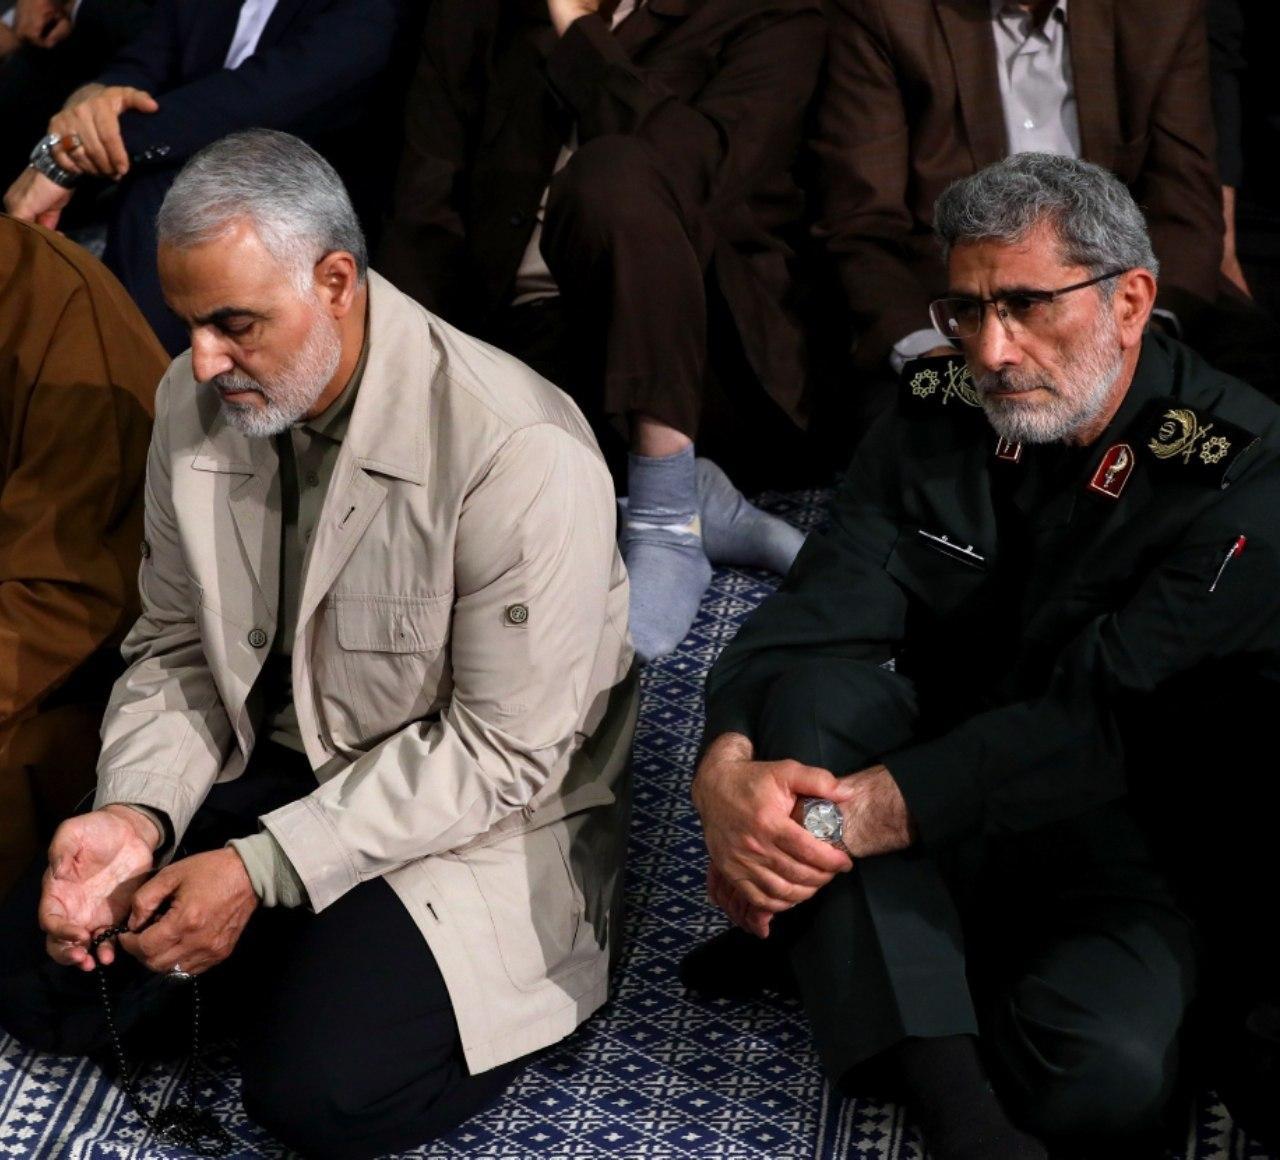 جانشین شهید حاج قاسم مغز متفکر نیروی قدس سپاه است